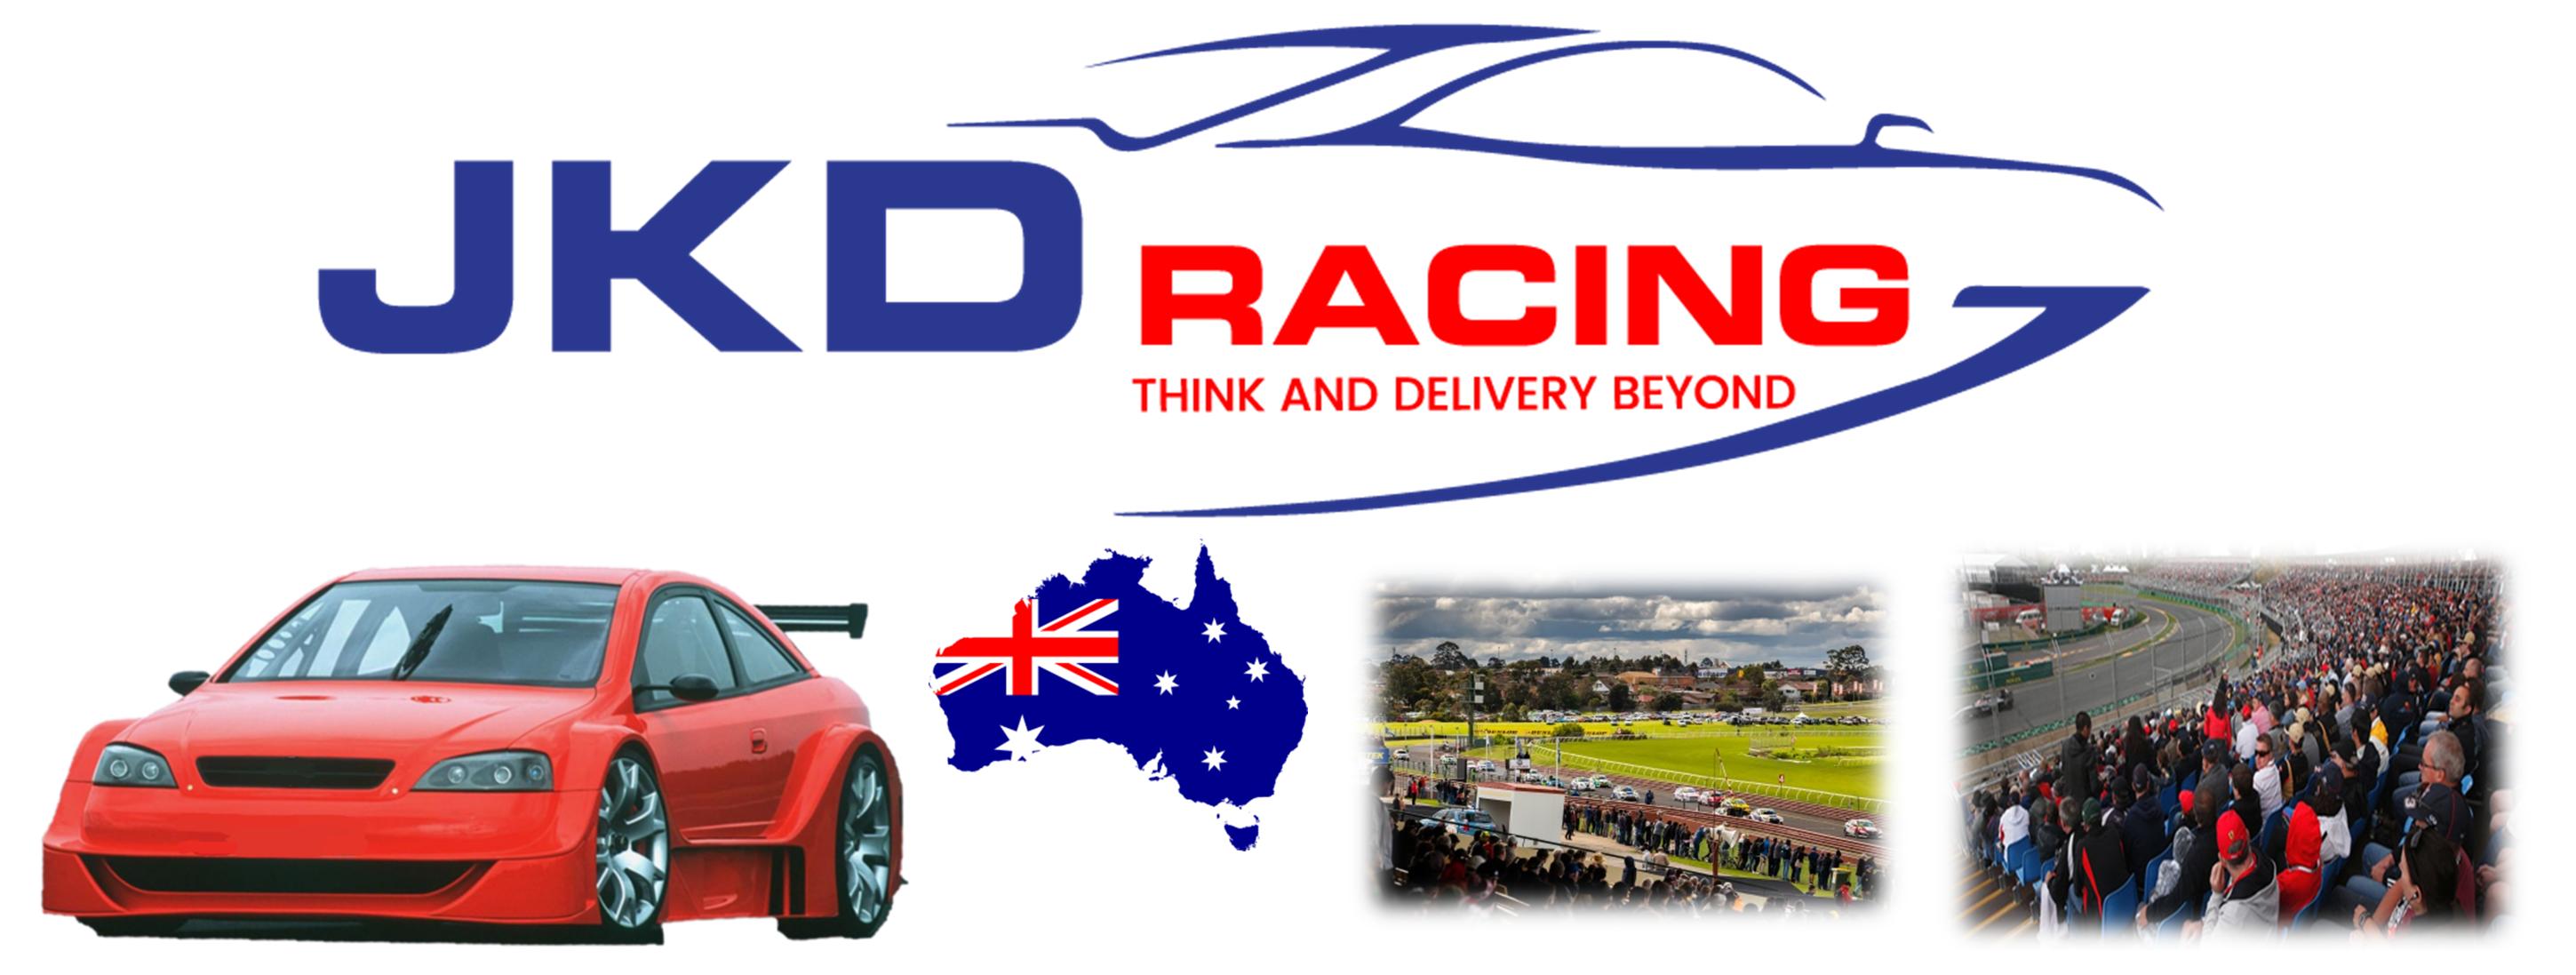 JKD Racing